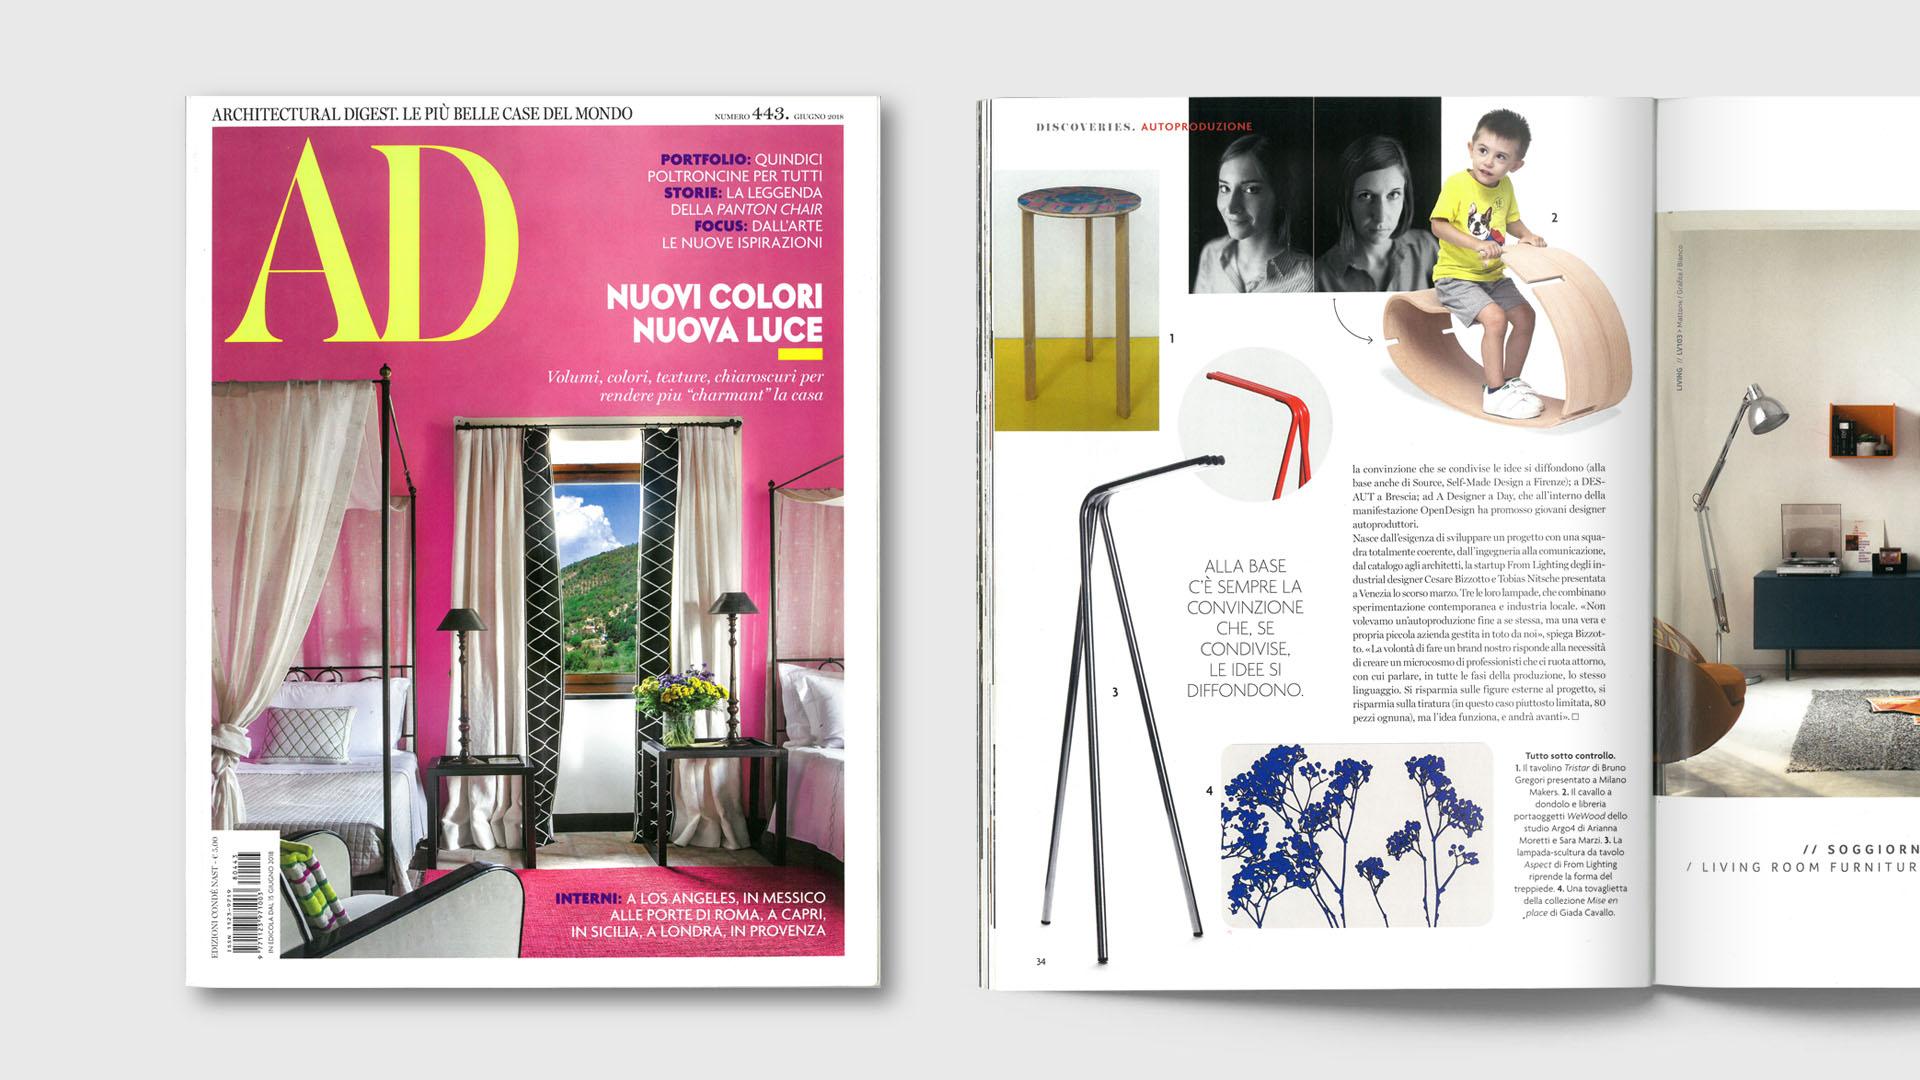 Immagine della copertina di AD-Architectural Digest di Giugno 2018 e della pagina con l'articolo riguardo il design autoprodotto.